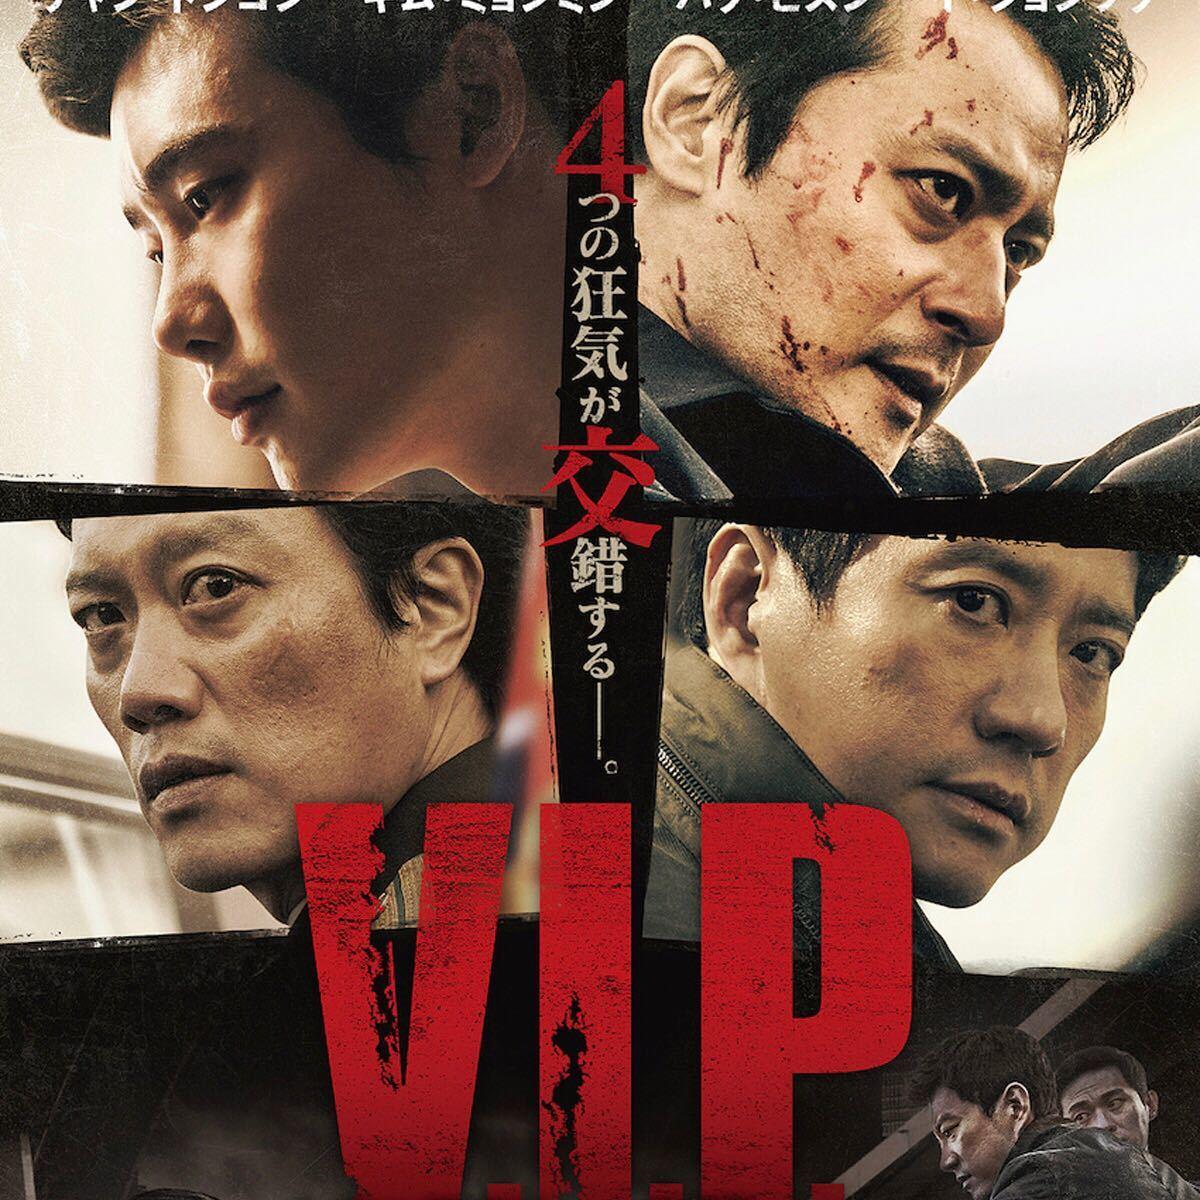 韓国映画  VIP  イ・ジョンソク  チャン・ドンゴン  パク・ヒスン  DVD  日本語吹替有り  レーベル有り